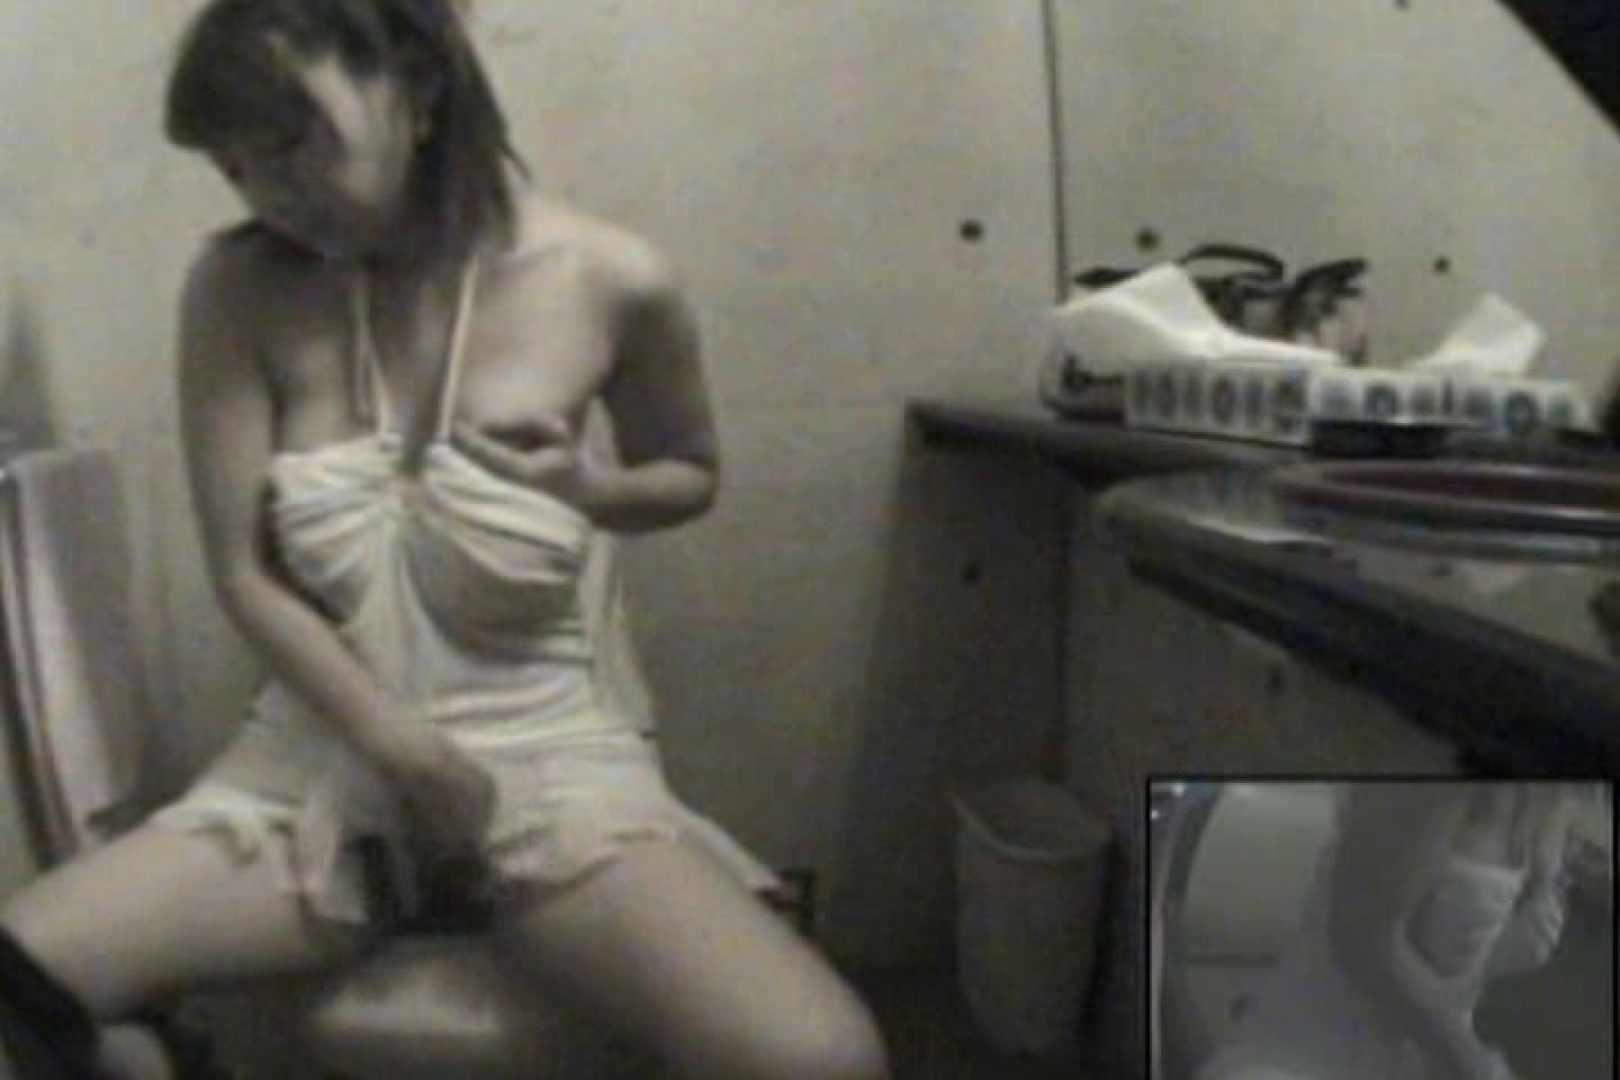 キャバ嬢は仕事の合間でもオナニーします!!Vol.6 ぱっくり下半身 SEX無修正画像 80画像 52